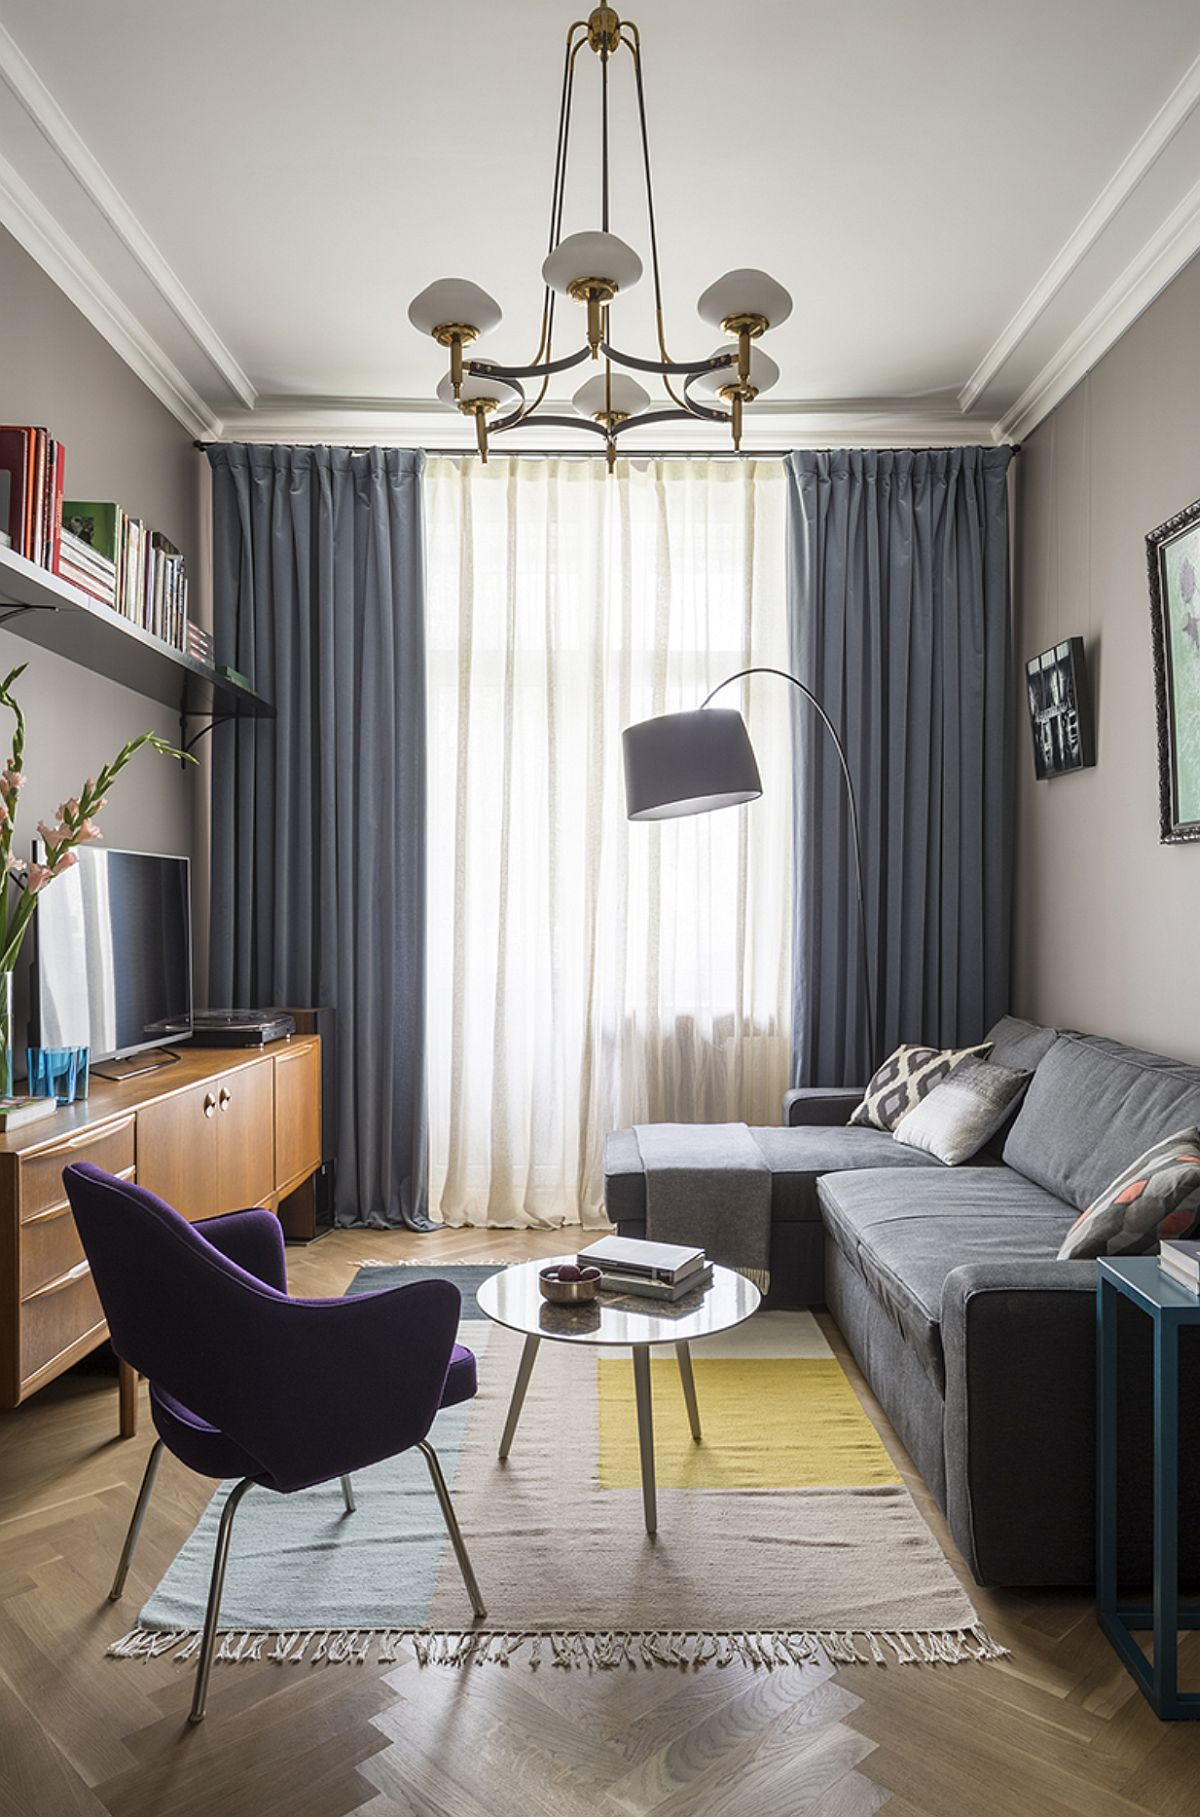 Canapeaua din living este una realizată pe comandă pentru a fi extensibilă și a încăpera la fix în cameră. Pe timpul serii să poată deveni loc de dormit pentru părinți. Măsuța și lampadarul sunt de la BoConcept, iar covorul de la FermLiving.